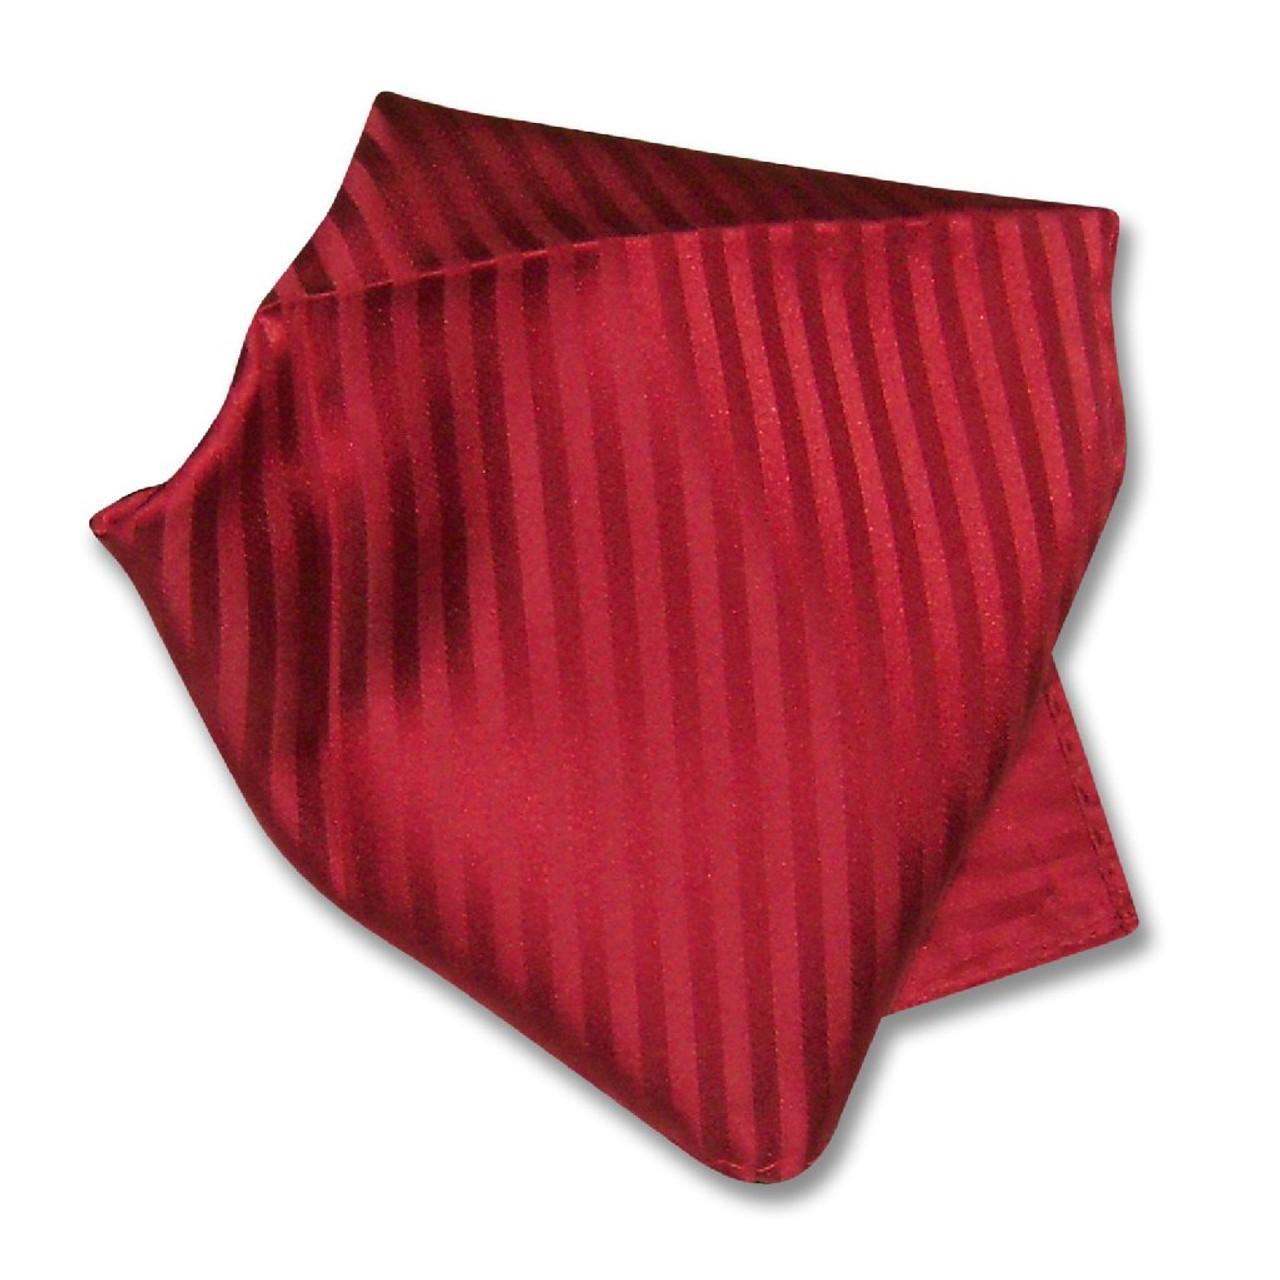 62373a080c Mens Dress Vest & NeckTie Red Color Vertical Striped Neck Tie Set